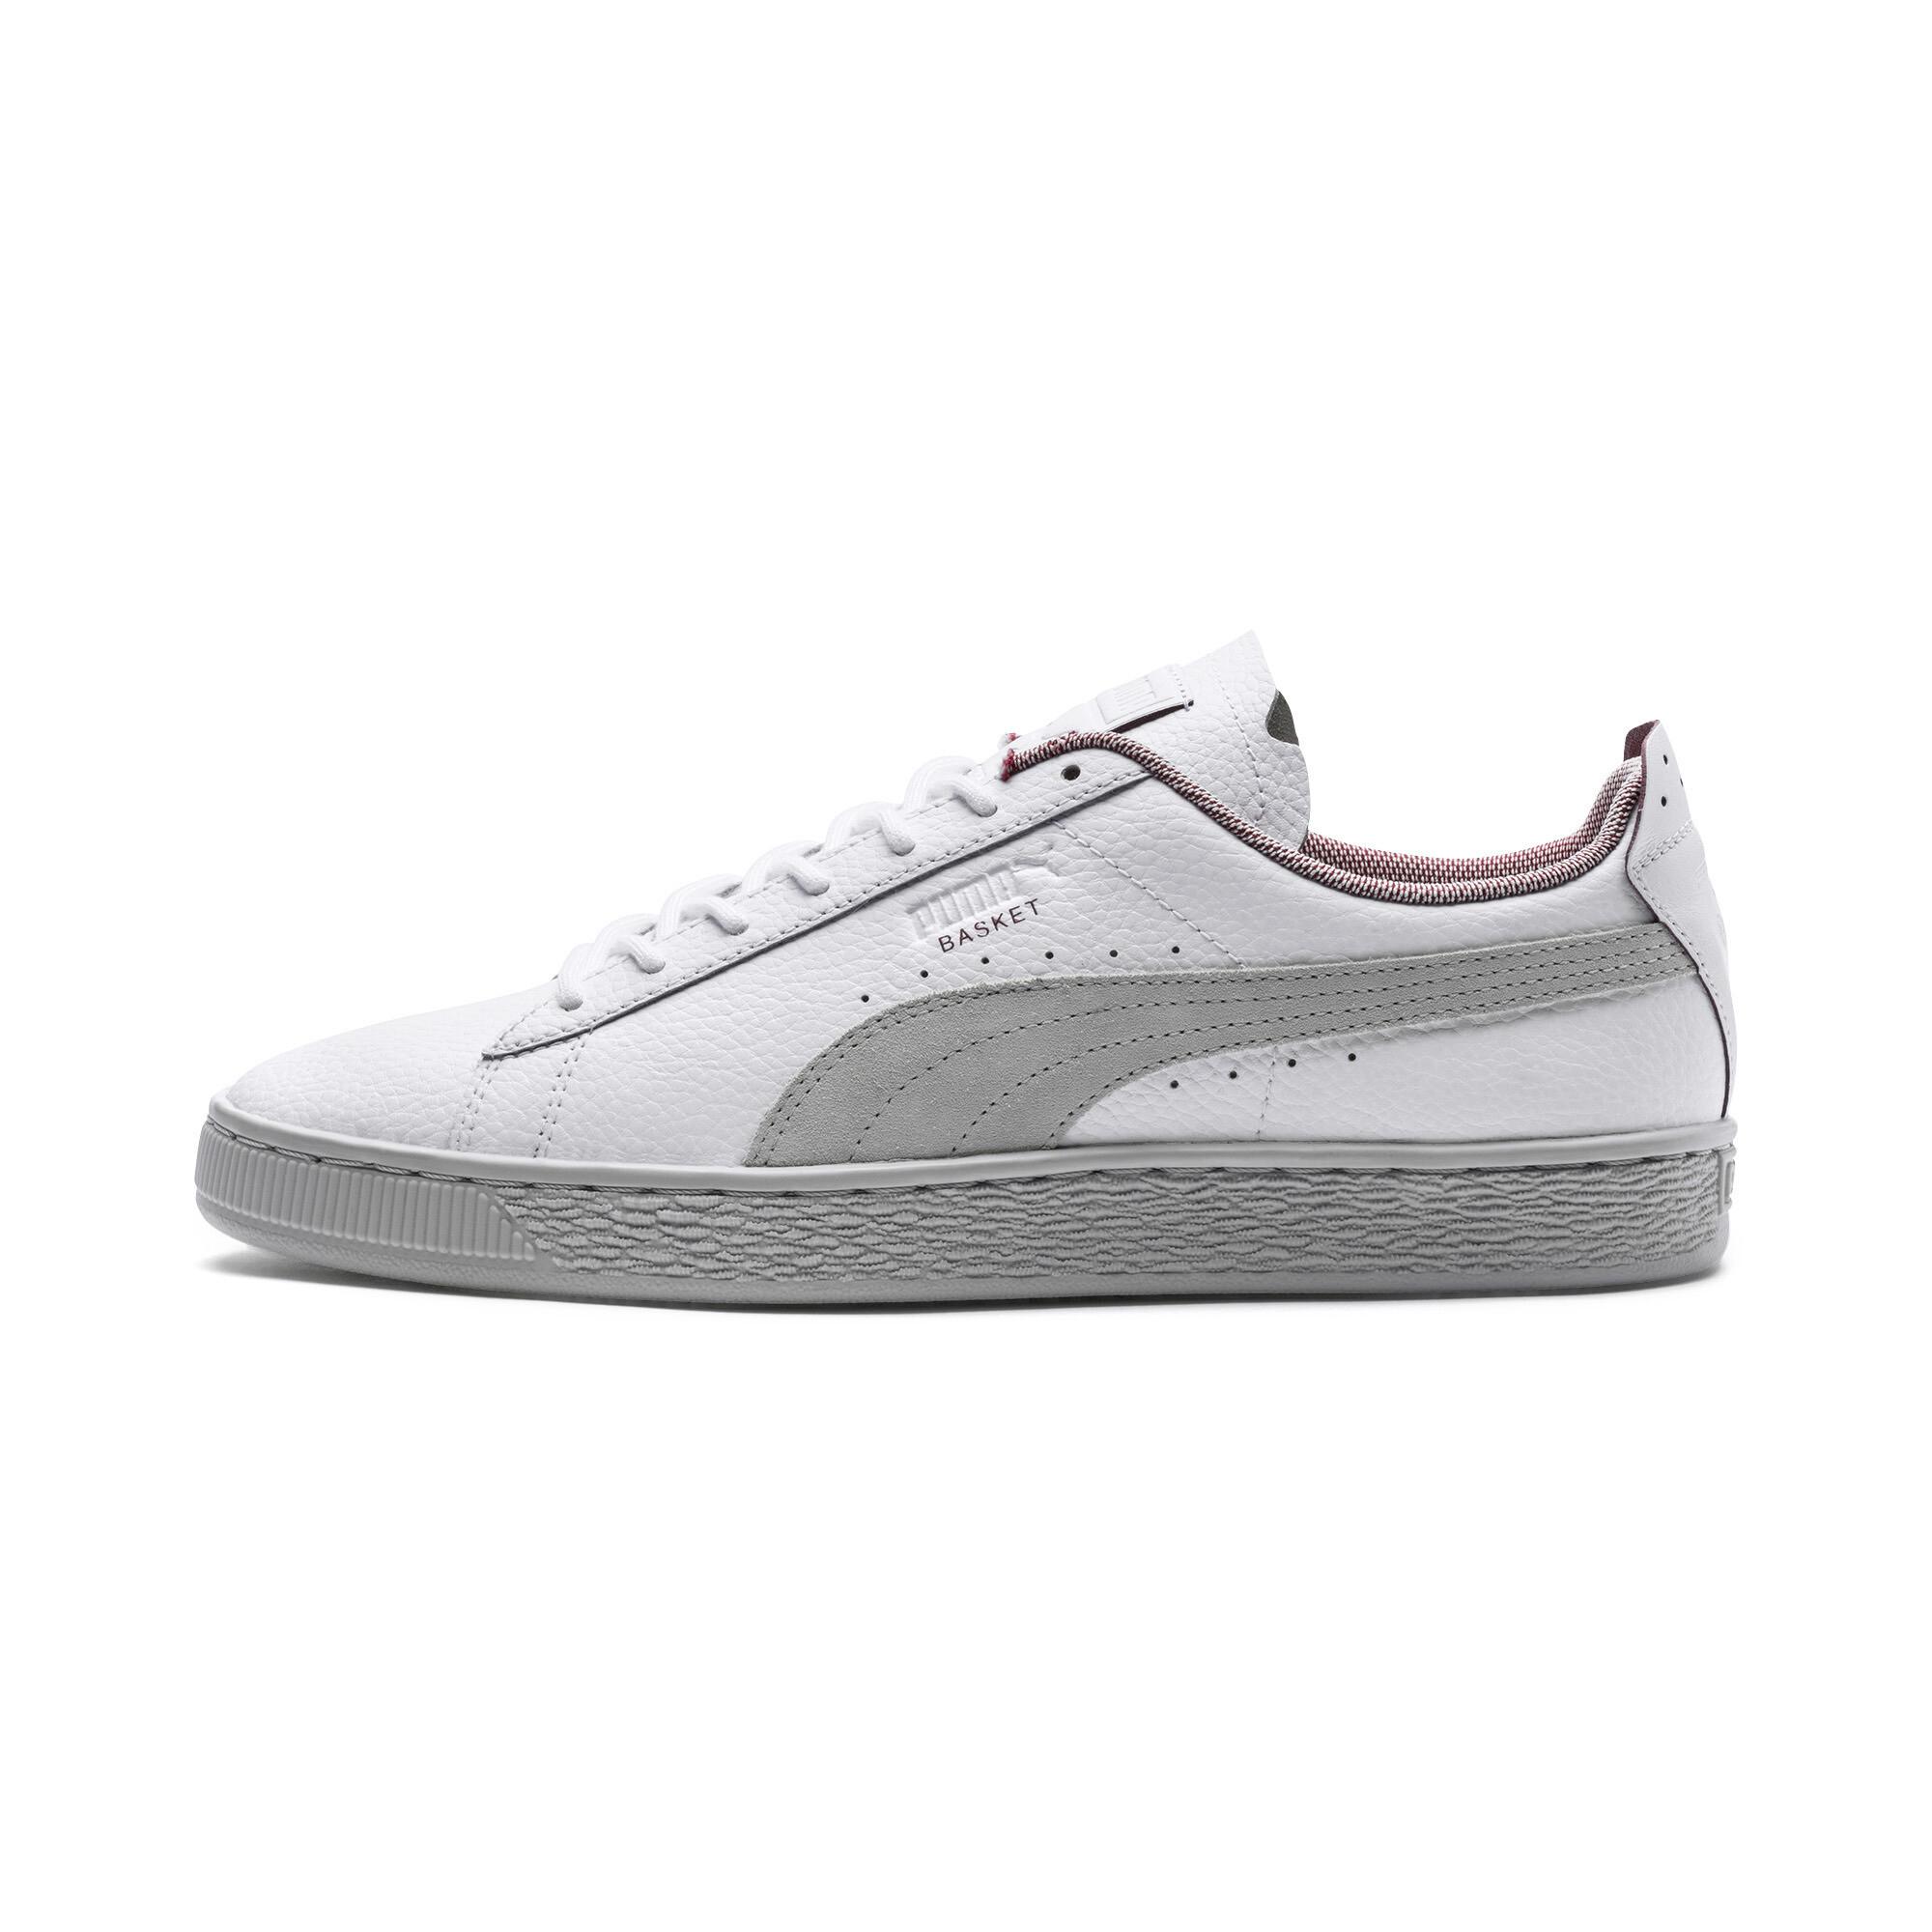 Details Shoe Ferrari Scuderia About Sneakers Men Auto Basket Puma hdCxrtsQ